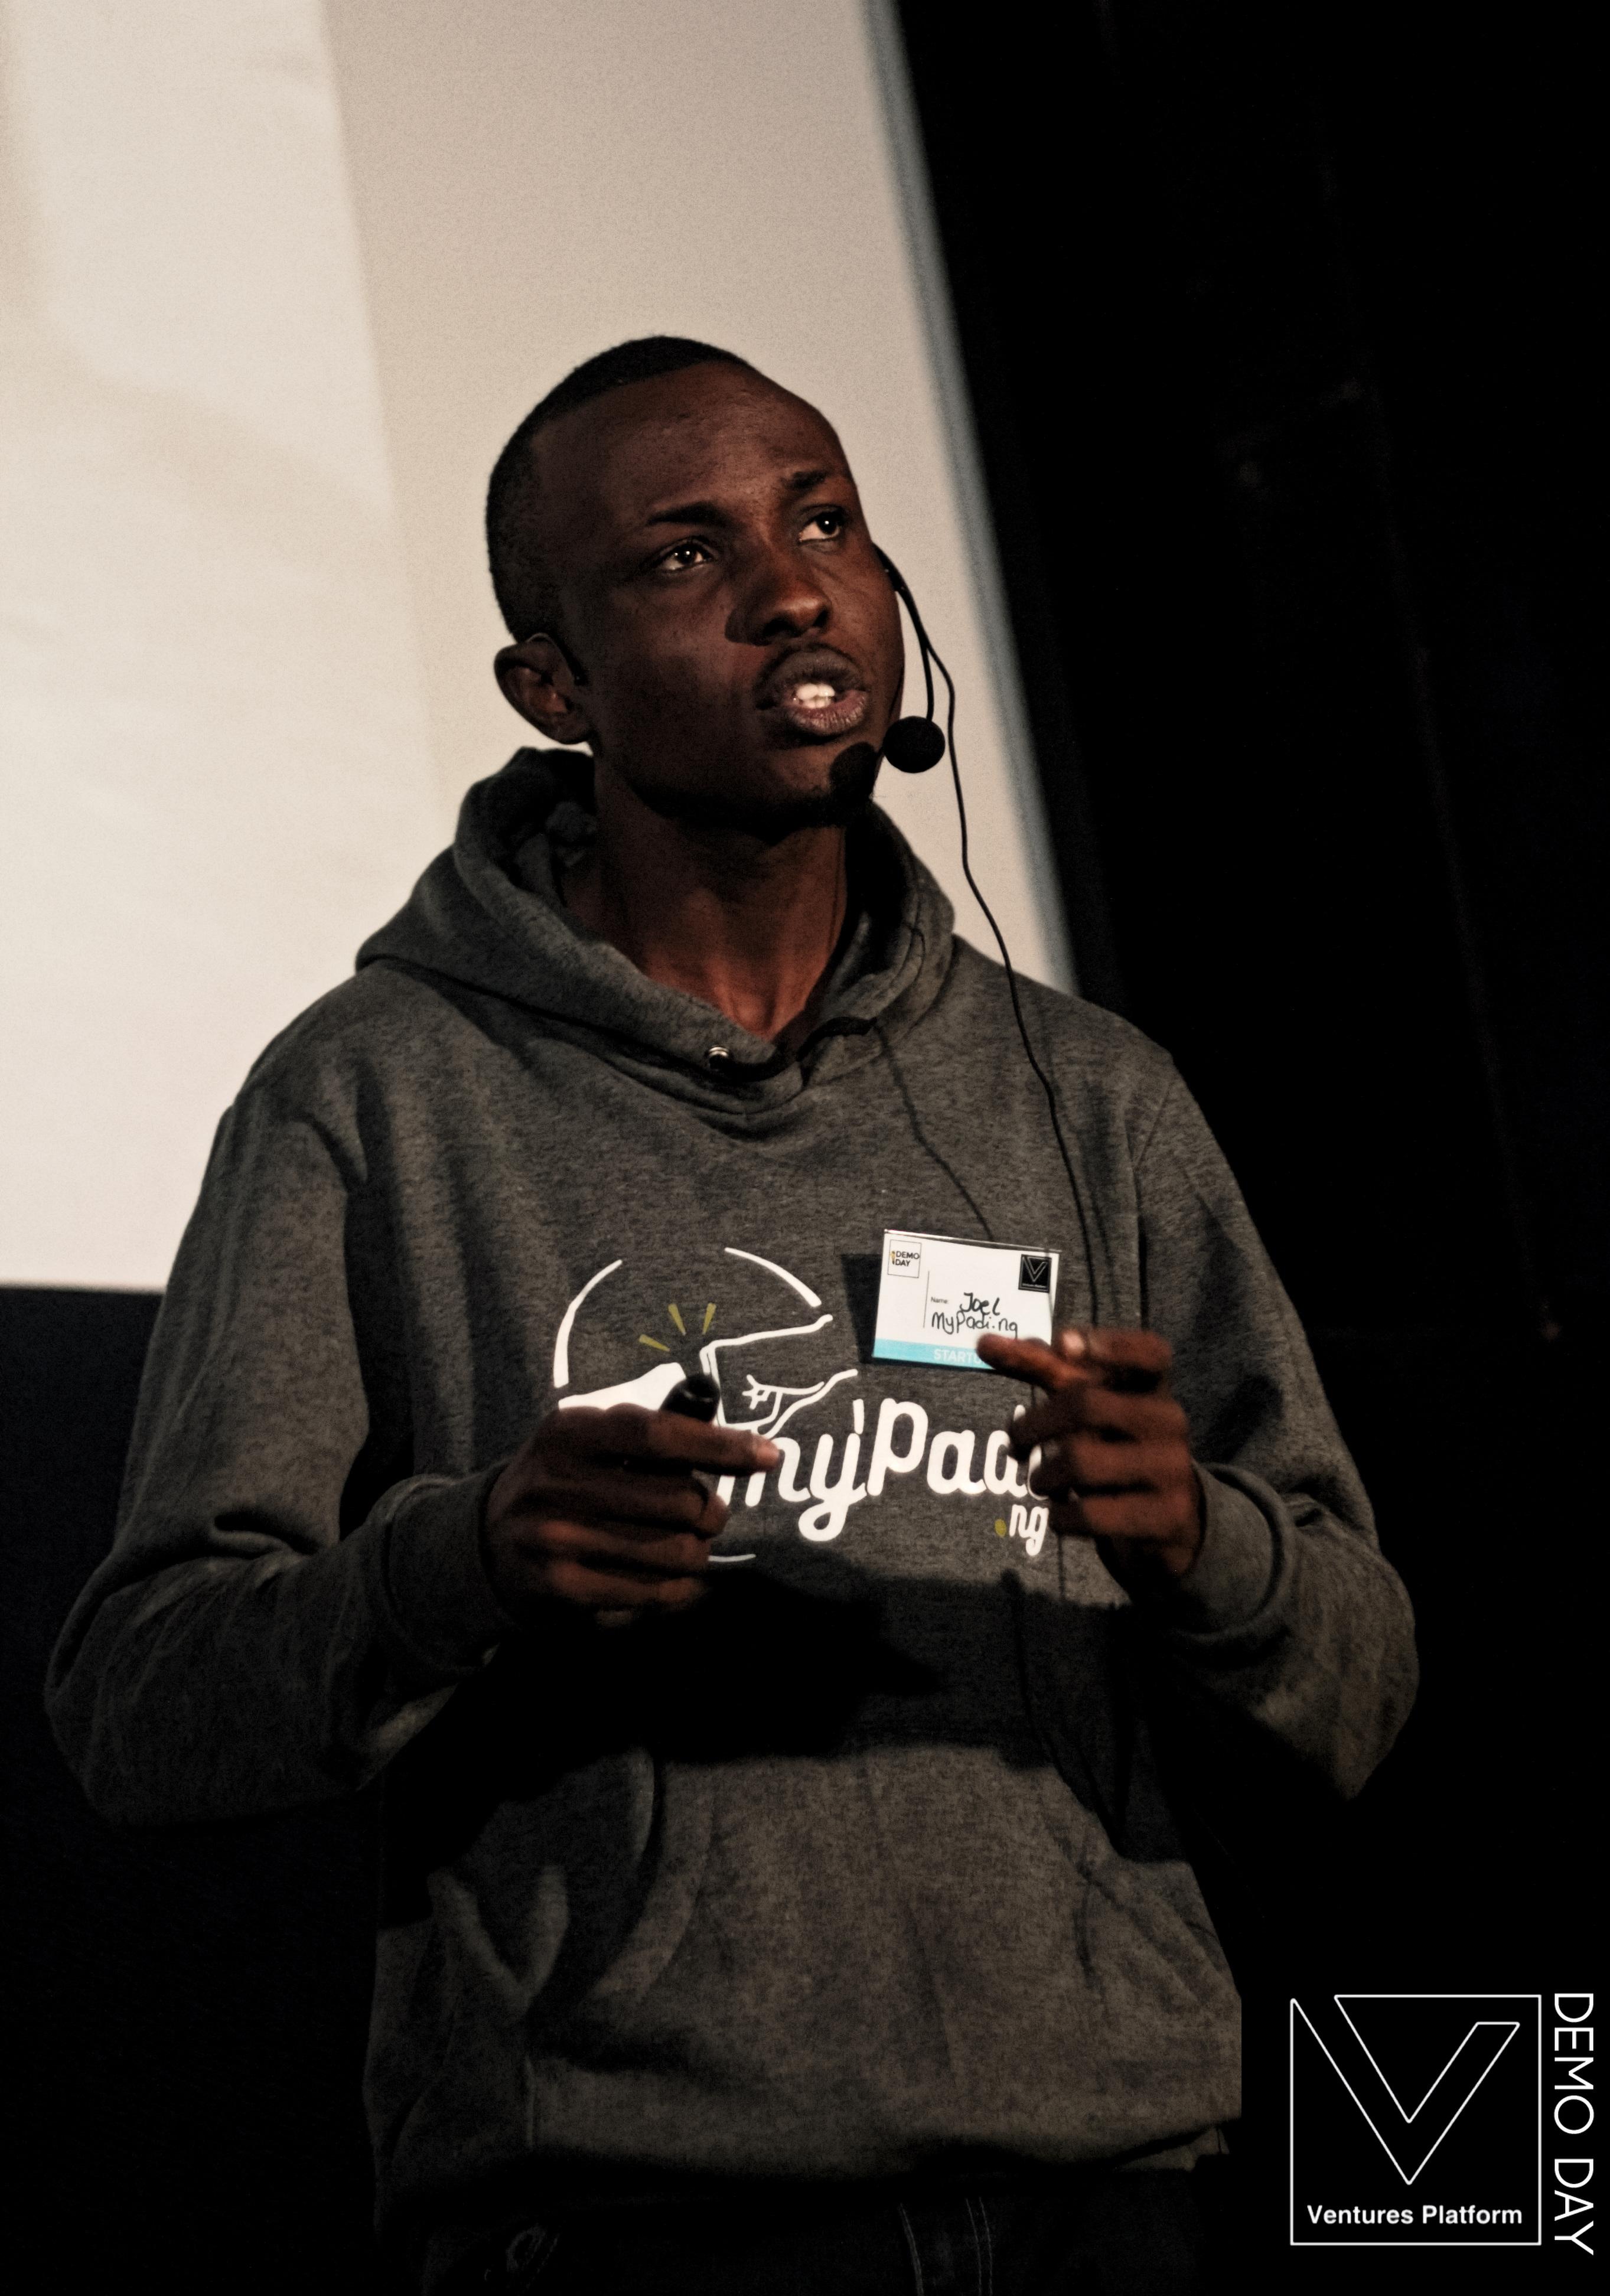 Joel Amawhe - Founder, MyPadi